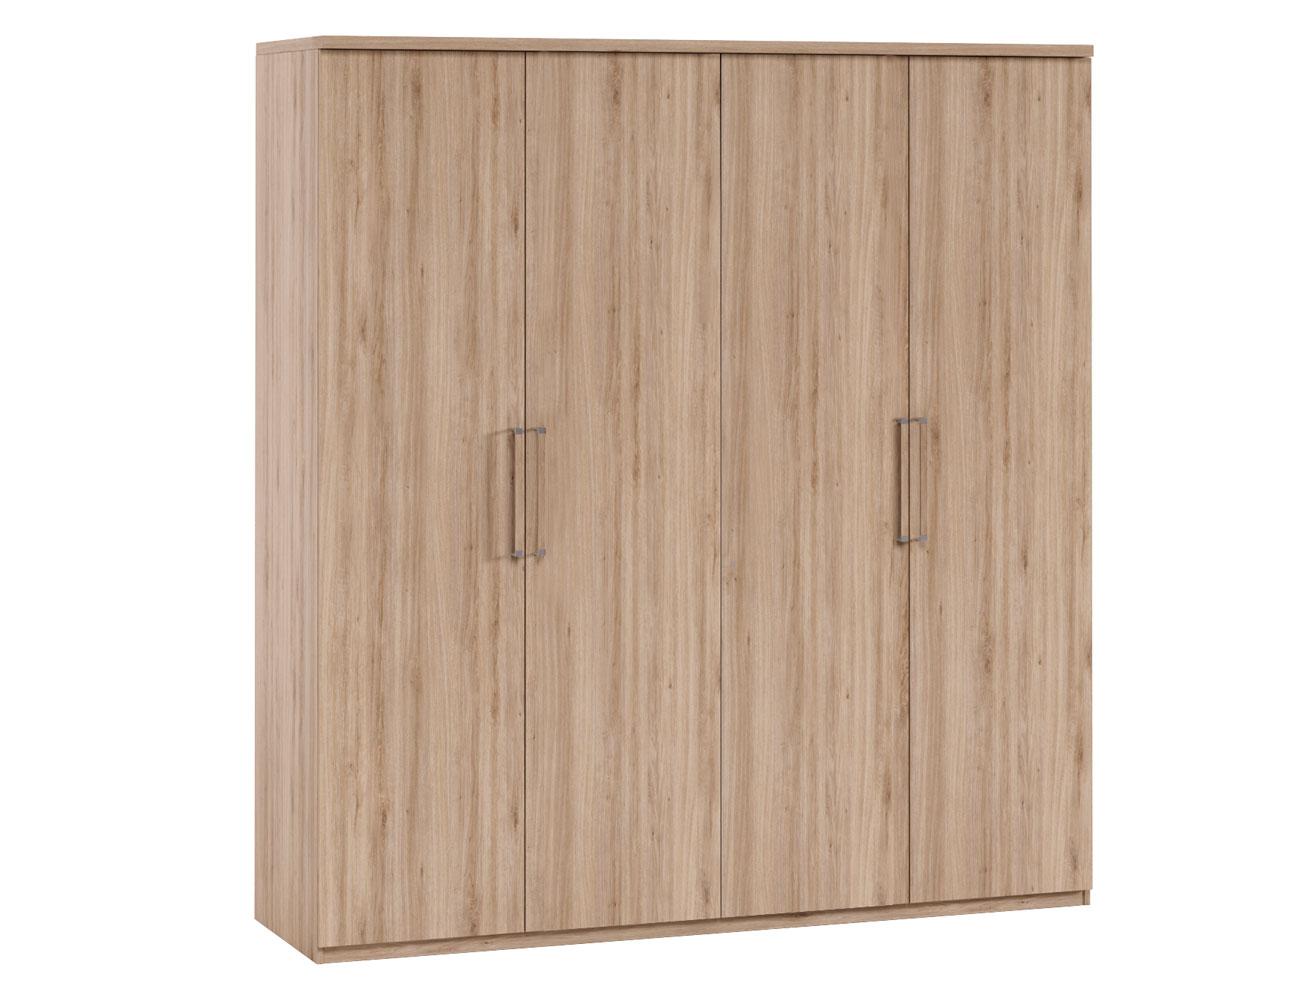 Dk49 armario puertas abatibles roble1